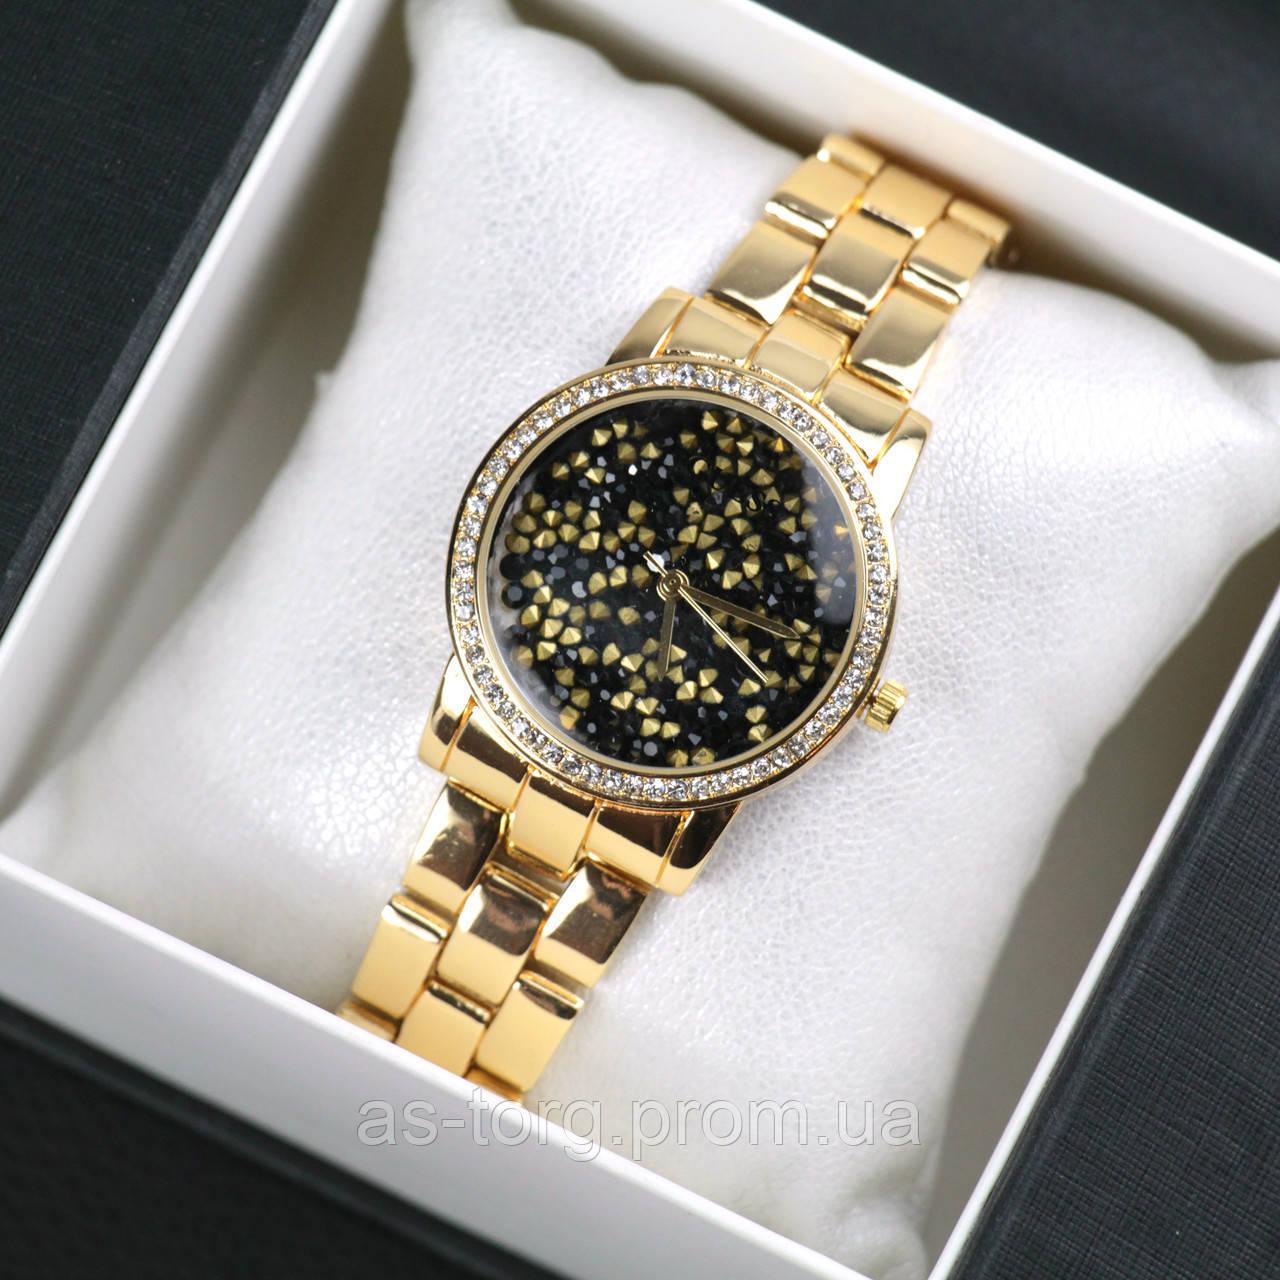 b9728b4bd940 Часы женские наручные Guess Shiny золото, часы дропшиппинг  продажа ...